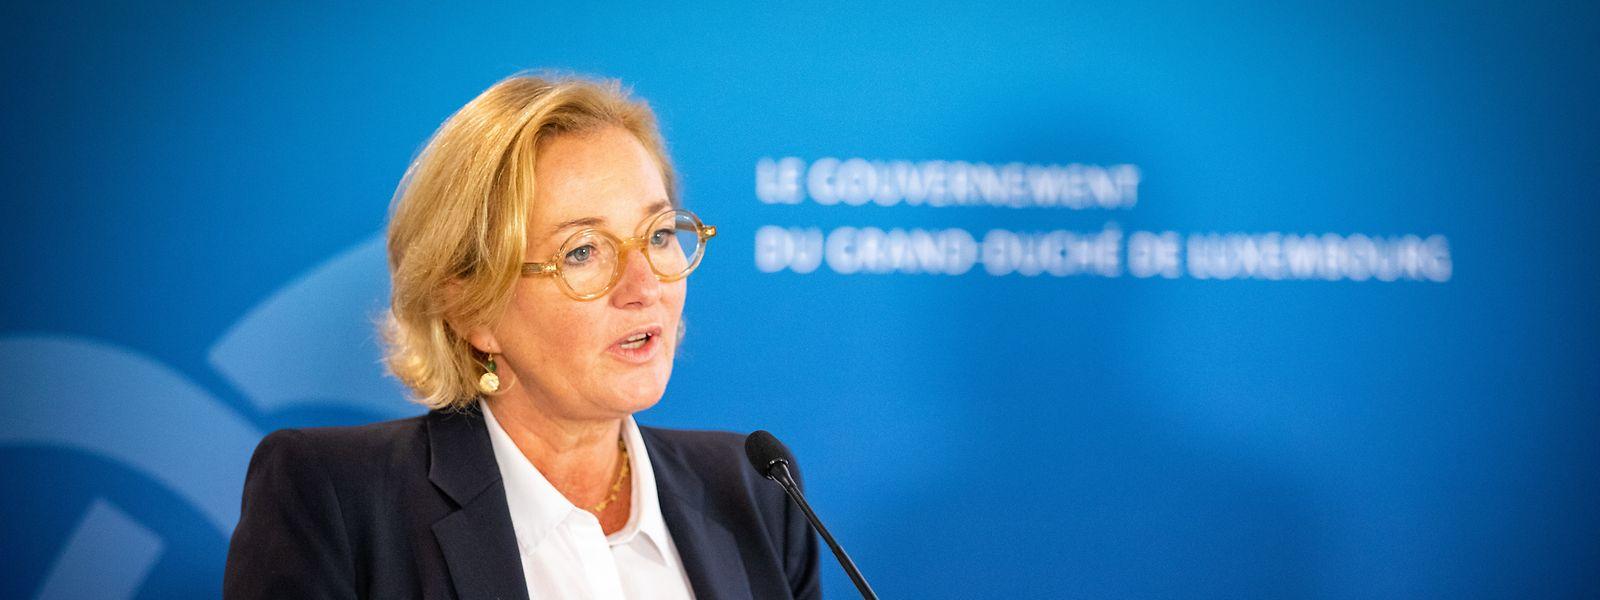 Paulette Lenert lieferte am Donnerstag Details zur zweiten Phase der Corona-Teststrategie in Luxemburg.